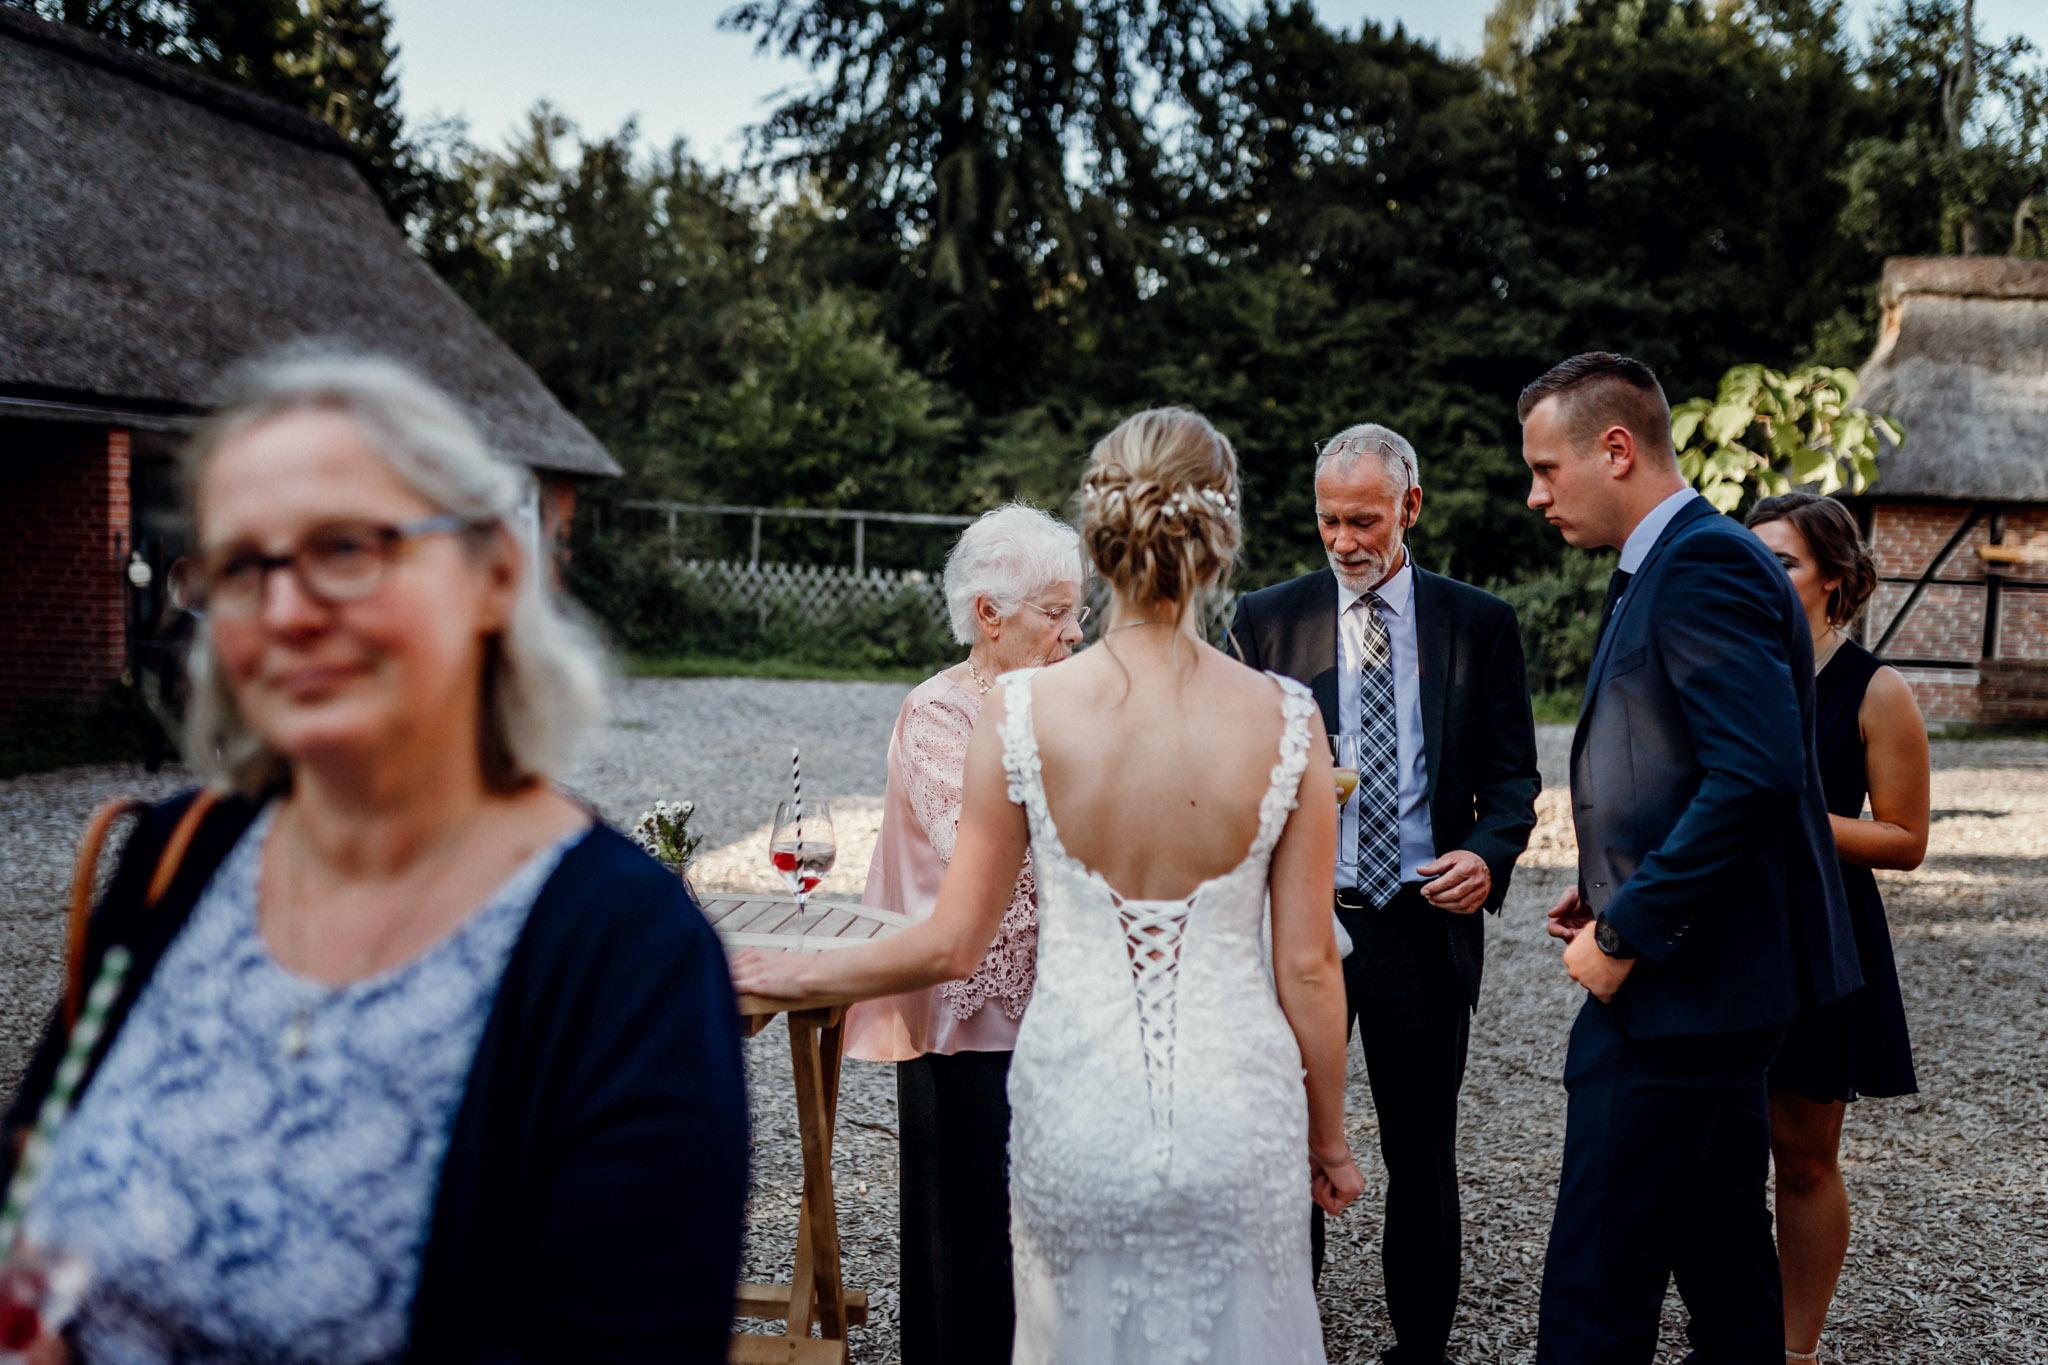 Sven Schomburg Hochzeitsfotografie, Hamburg, Mölln, Hochzeitsfieber by Photo-Schomburg, Hochzeitsreportage, Forsthaus Waldhusen, Braut, Bräutigam-66